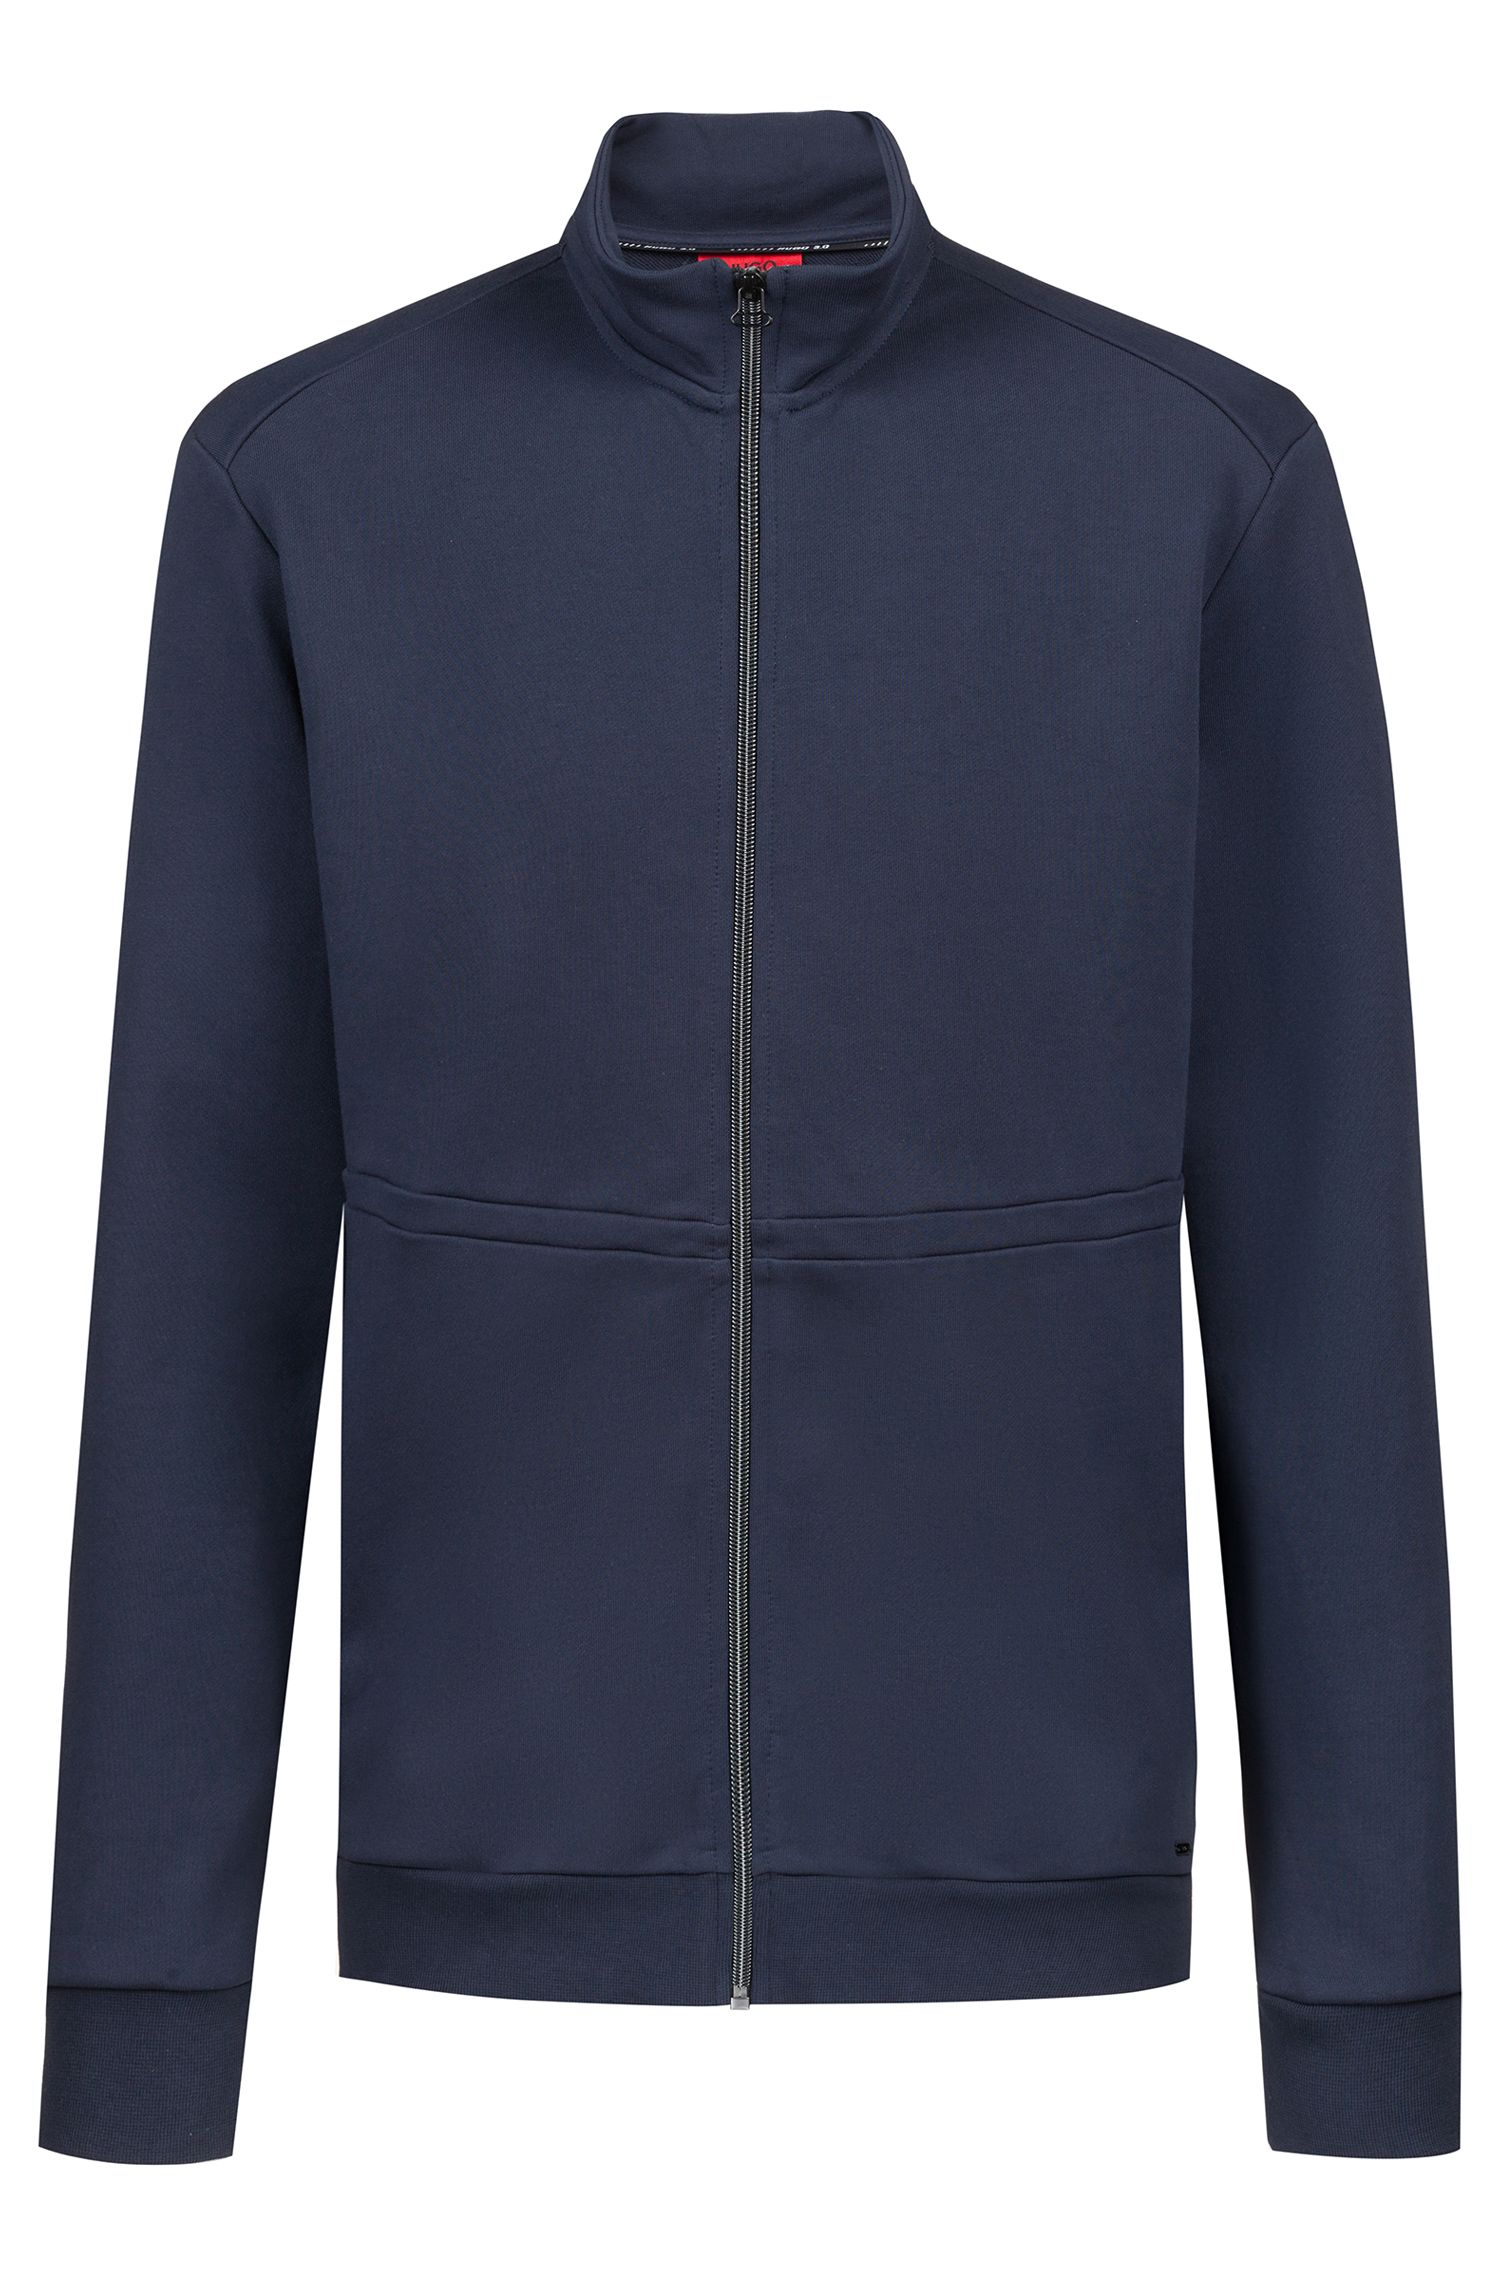 Sweater met ritssluiting en opstaande kraag uit de Bits & Bytes-capsule, Donkerblauw